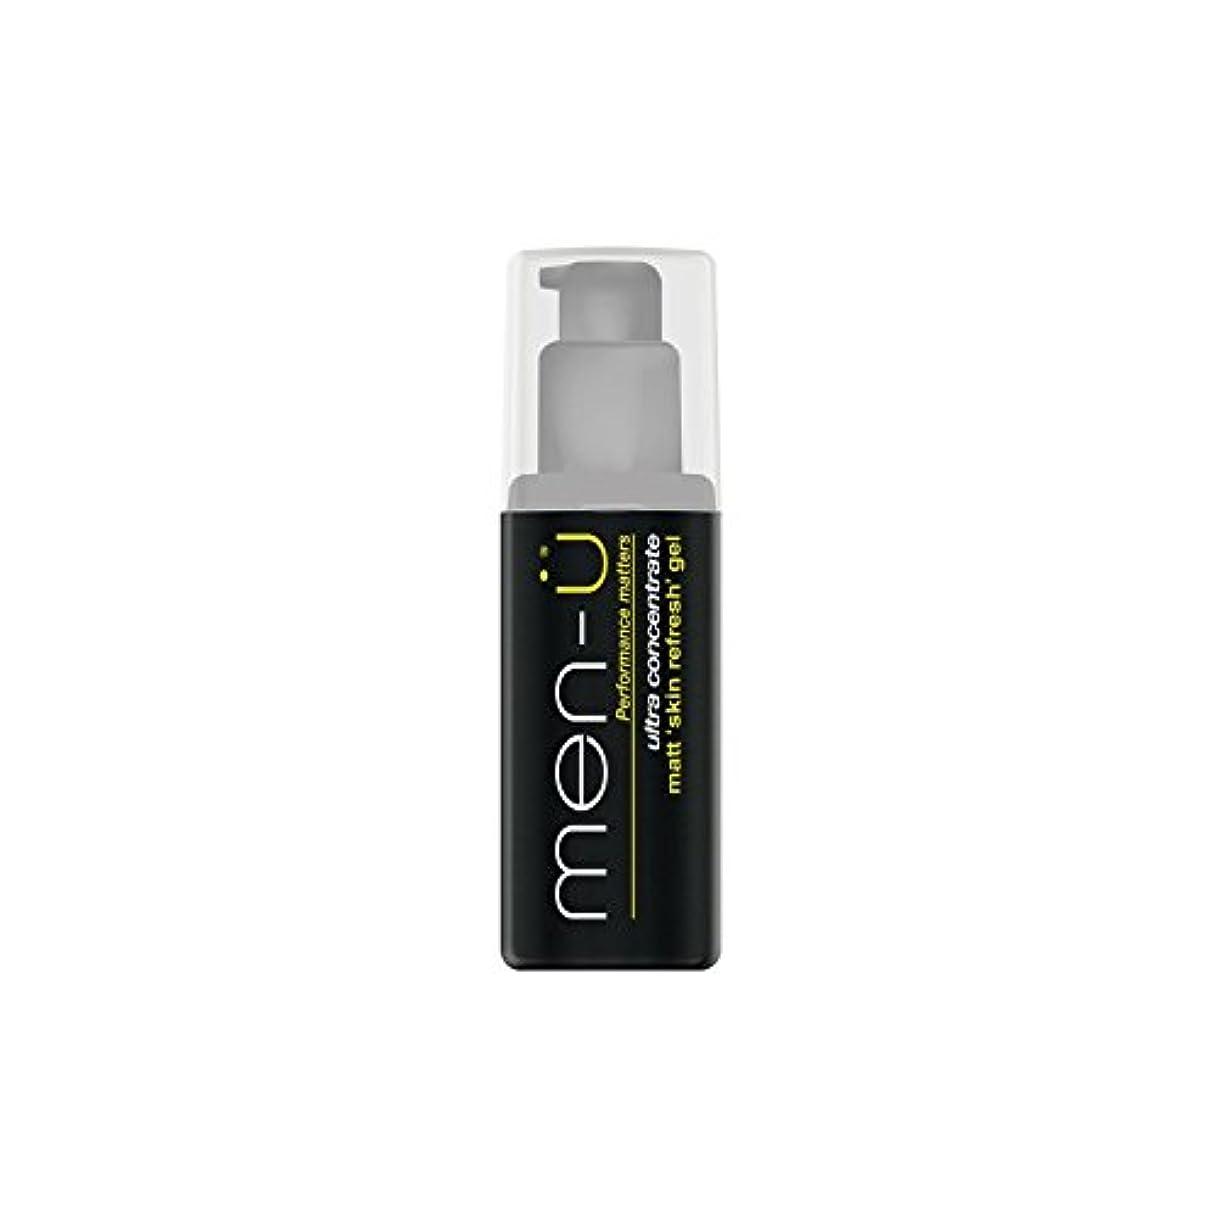 アパートスライス清めるMen-? Matt Skin Refresh Gel (100ml) (Pack of 6) - 男性-?マット肌のリフレッシュジェル(100)に x6 [並行輸入品]